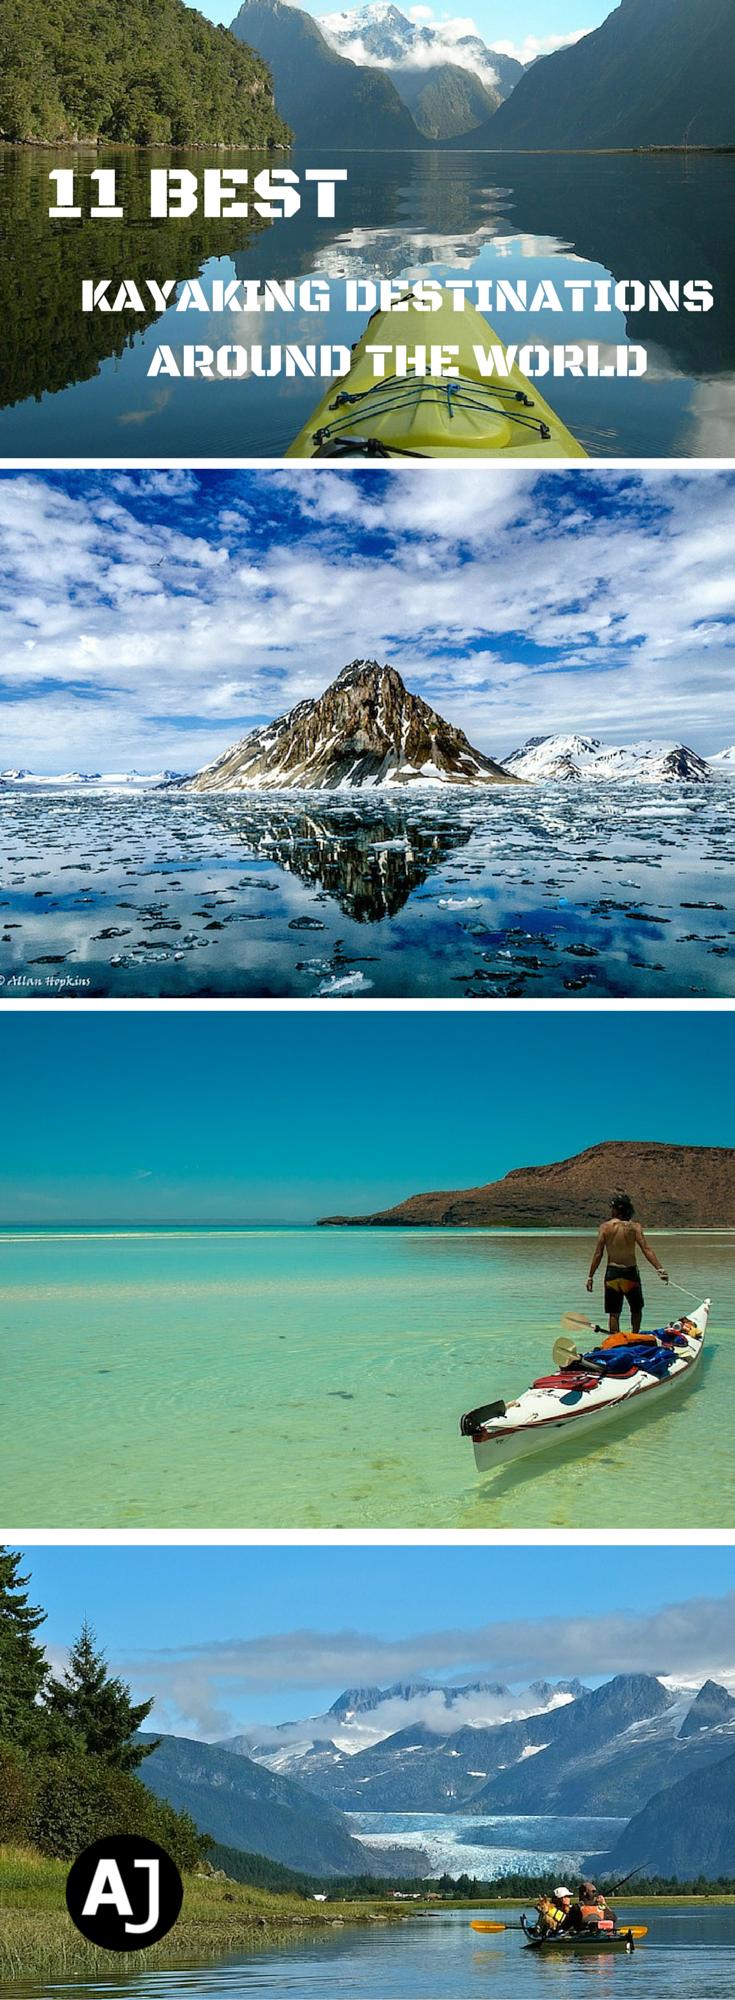 找出我的桶列表中世界上最好的皮划艇地点。皮划艇旅行我希望在我死之前会去。